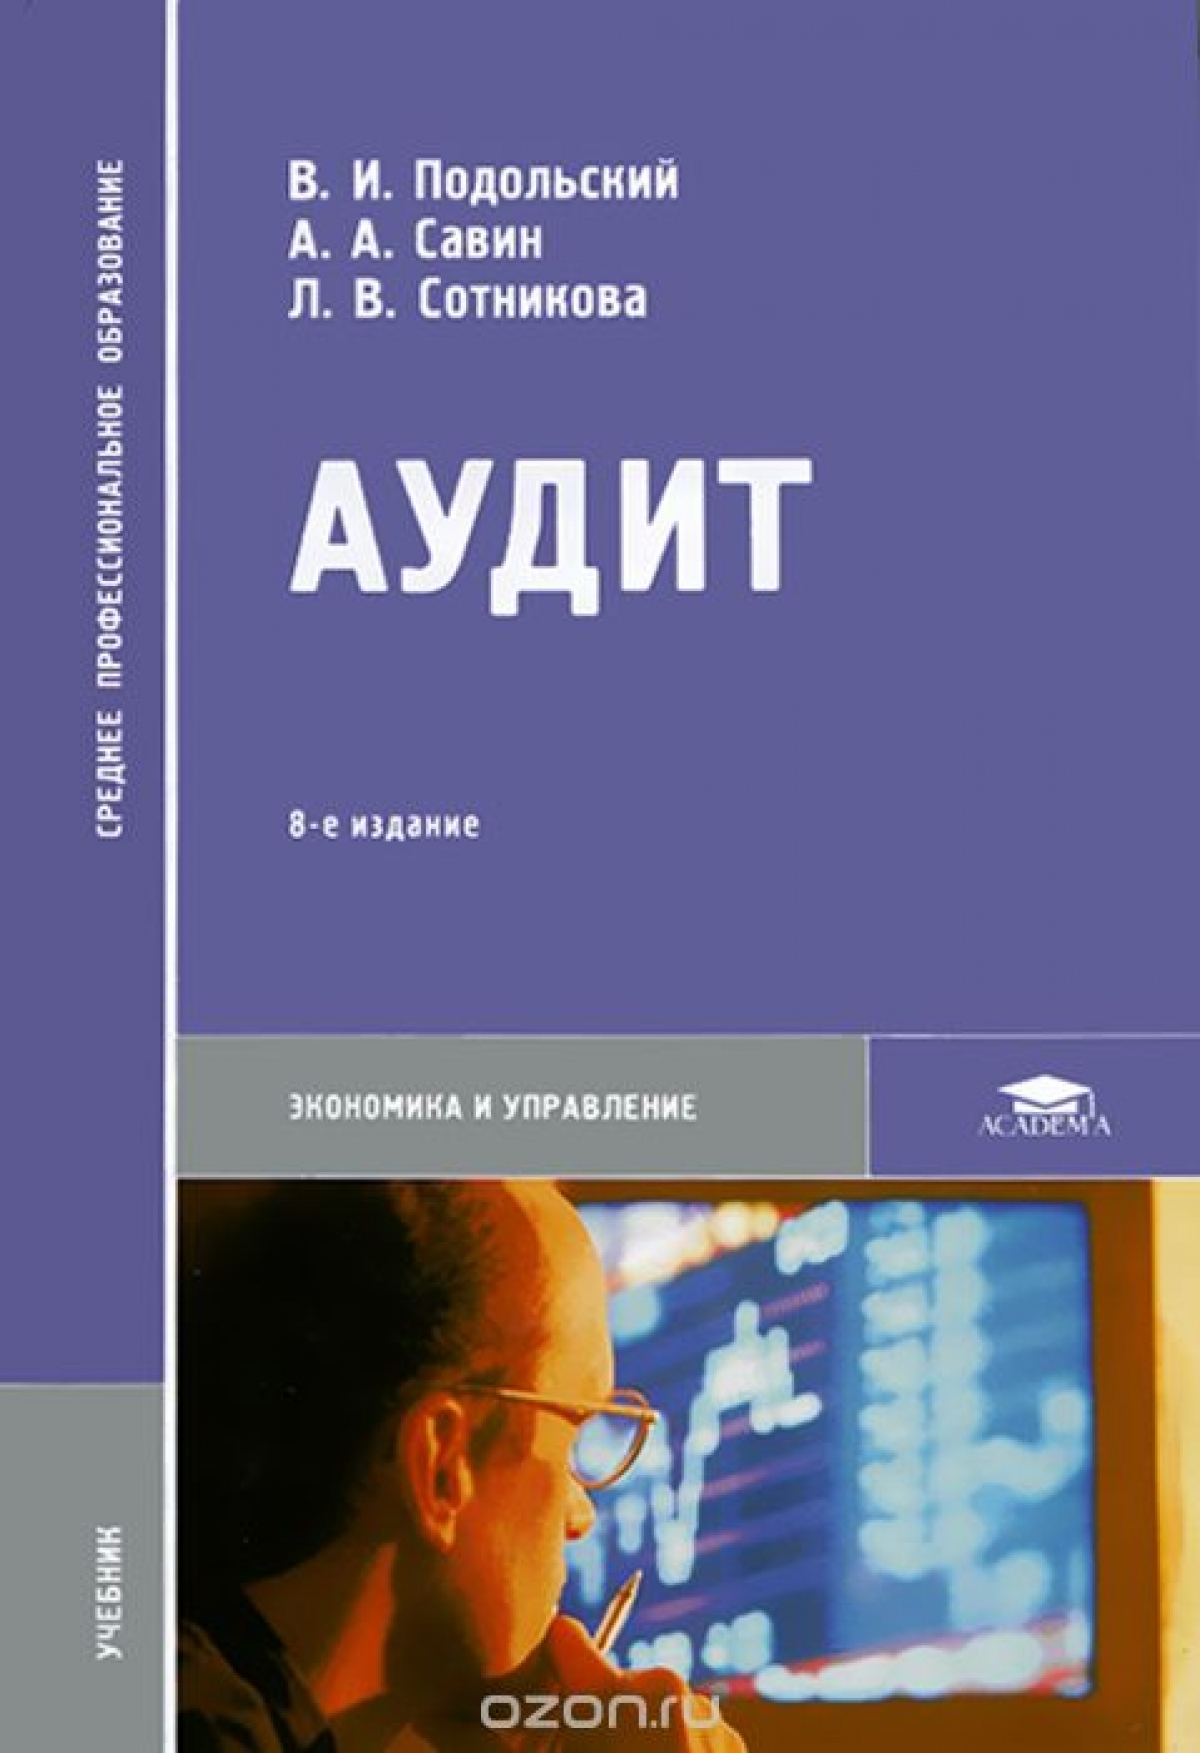 Обложка книги:  в.и. подольский, а.а. савин, л.в. сотникова - аудит. учебник для ссузов